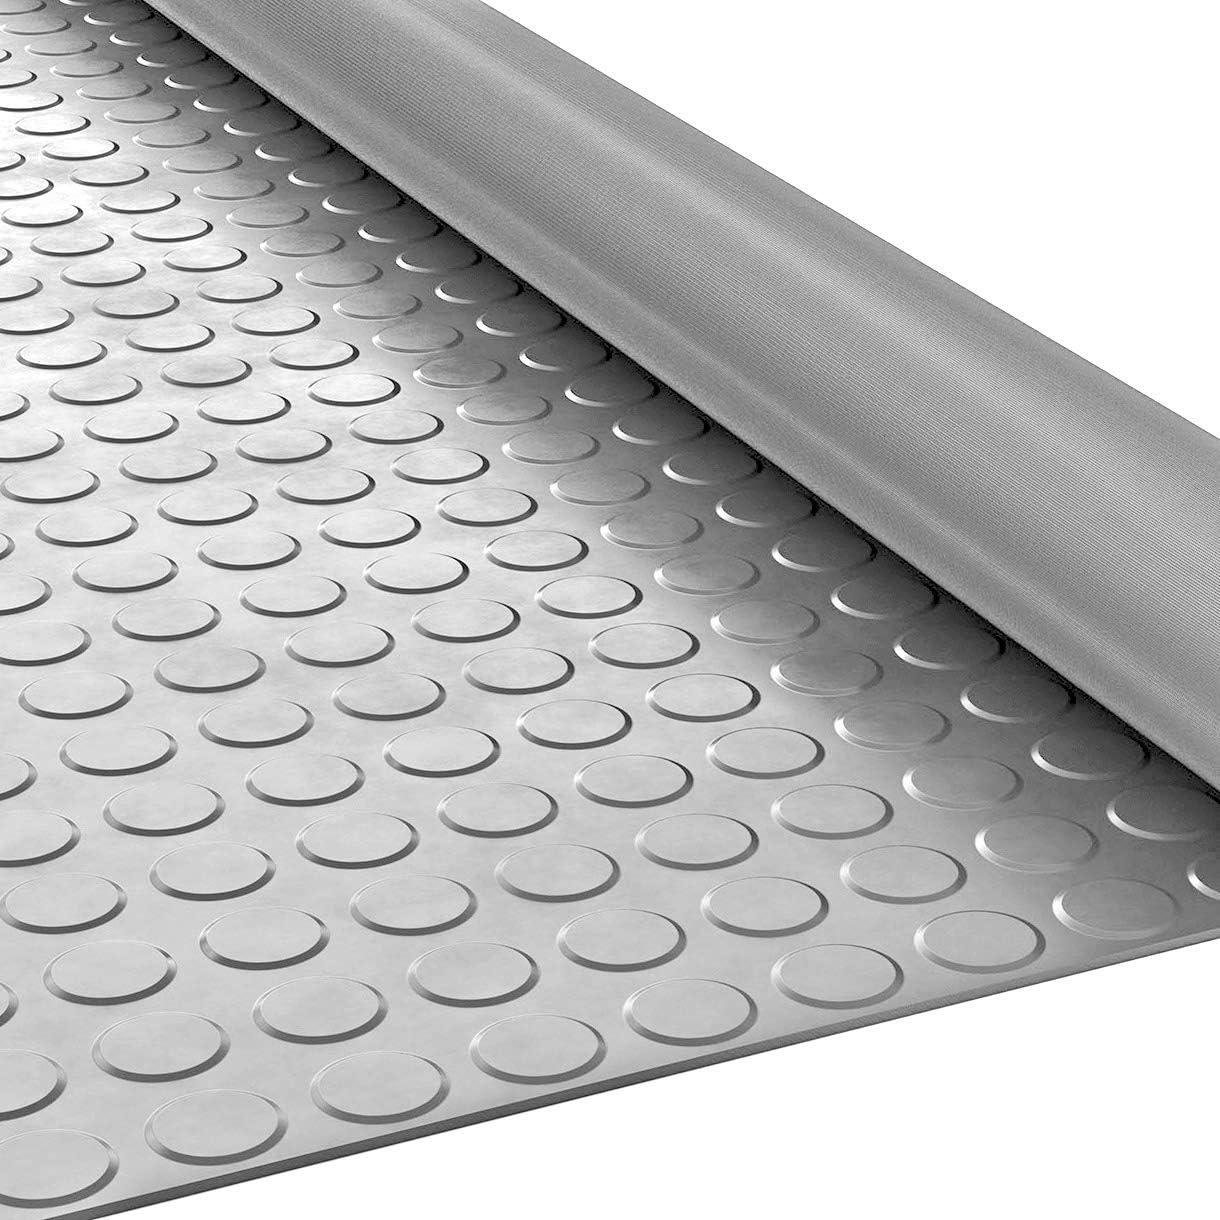 Flachnoppen Gummimatte Schutzmatte Noppenmatte Bodenmatte mit Noppen Gummil/äufer 100cm Breit 3mm stark Schwarz 300 x 100cm